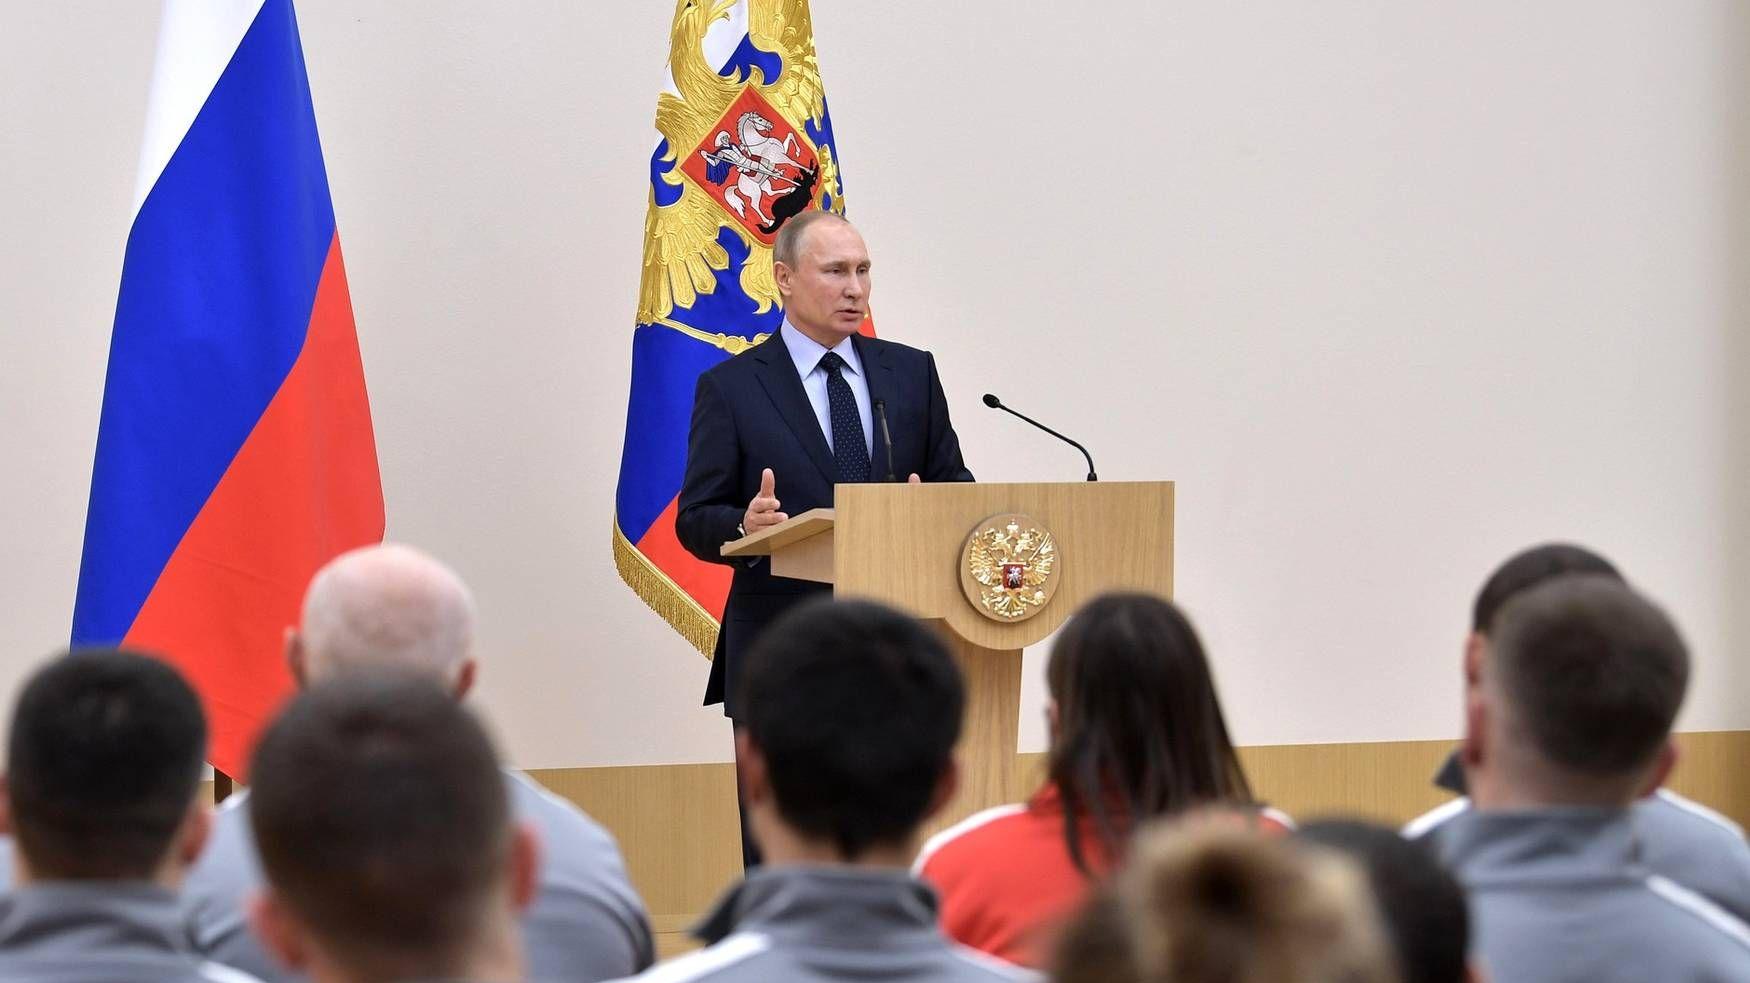 В. Путин на встрече с российскими спортсменами [kremlin.ru]